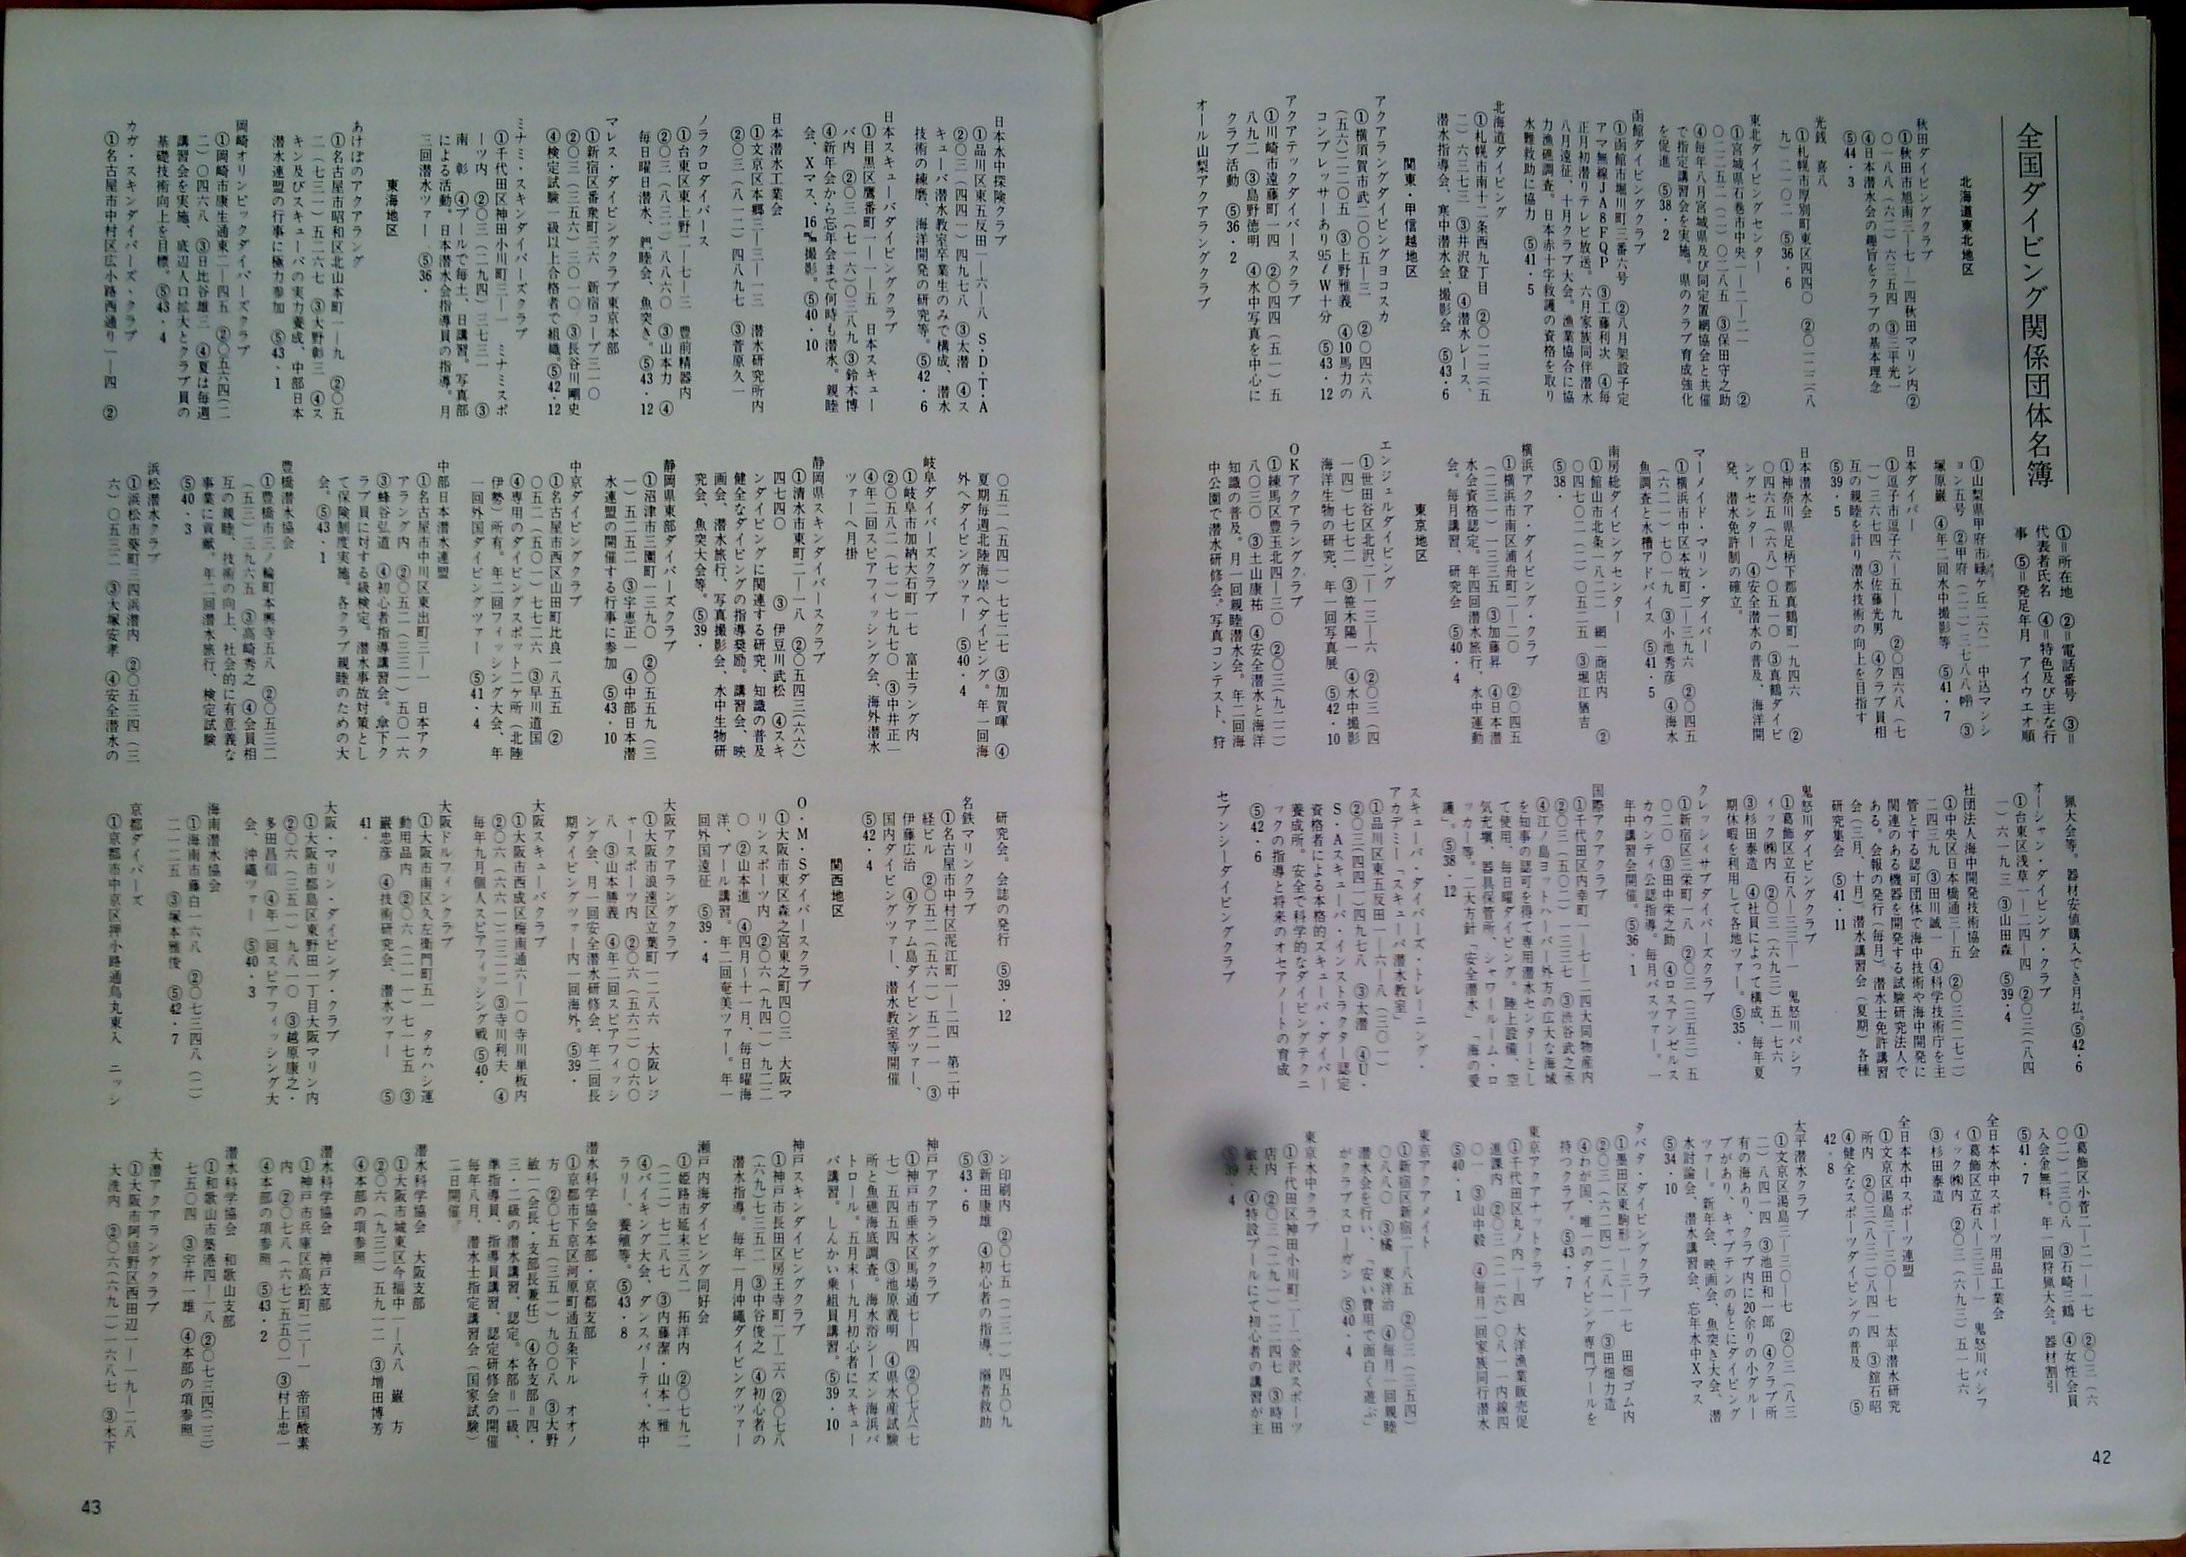 0323  ダイビングの歴史56  マリンダイビング創刊1969_b0075059_14305774.jpg